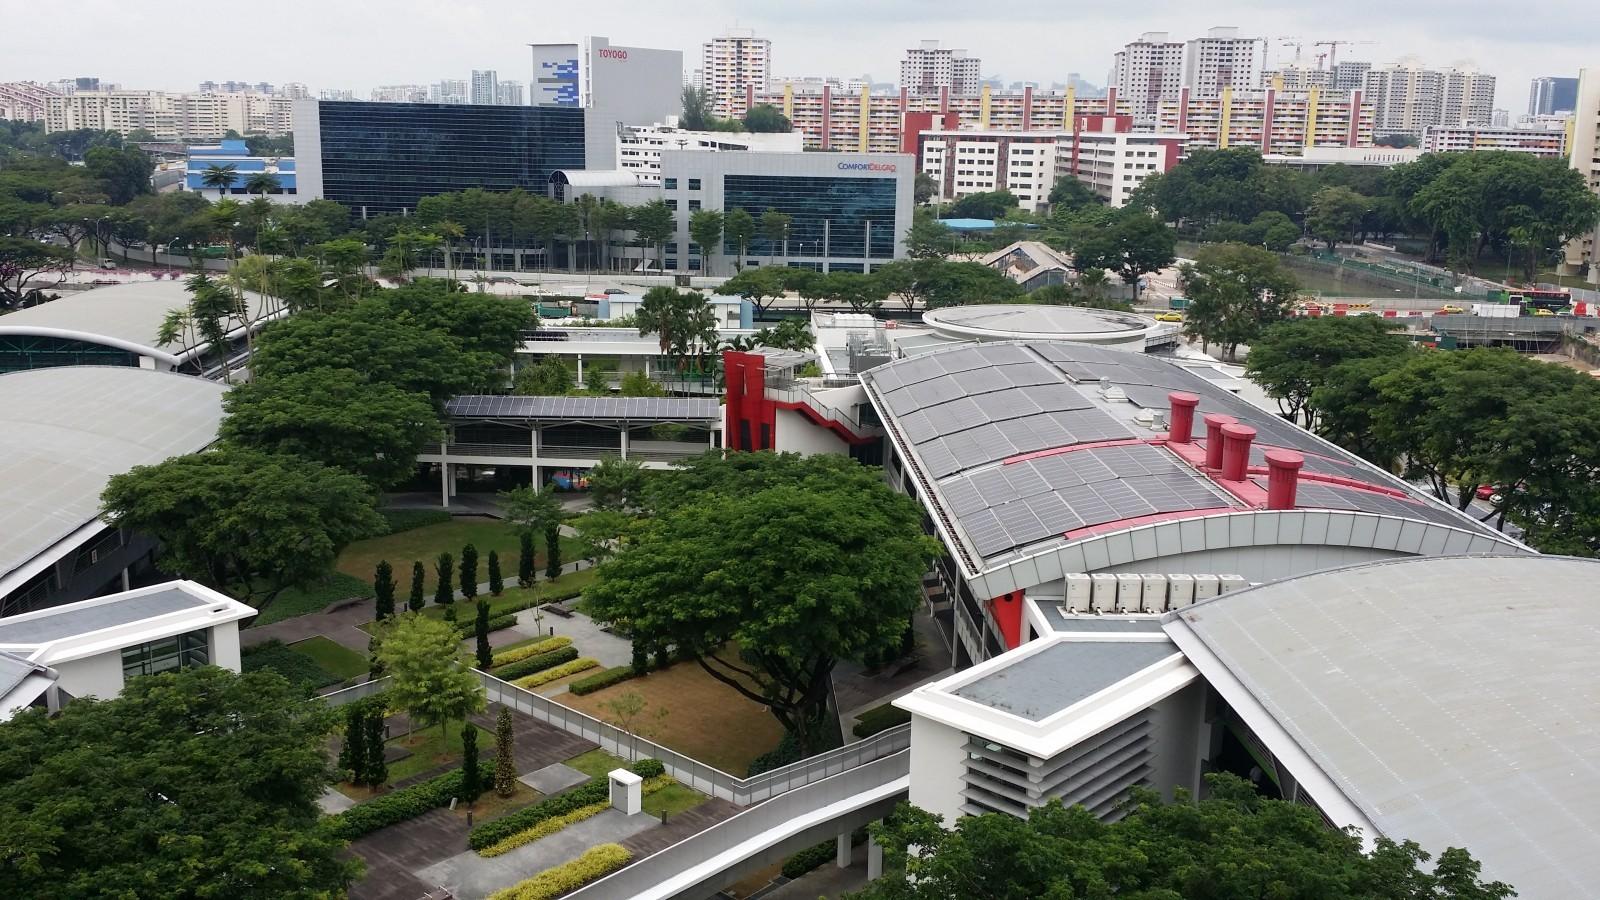 Exemplarité des bureaux du Buildings and Construction Authority BCA du gouvernement de Singapour à BCA Academy. (https://www.bcaa.edu.sg/) Le gouvernement de Singapour démontre à travers ses immeubles publics la possibilité dans un climat tropical de répondre à l'objectif